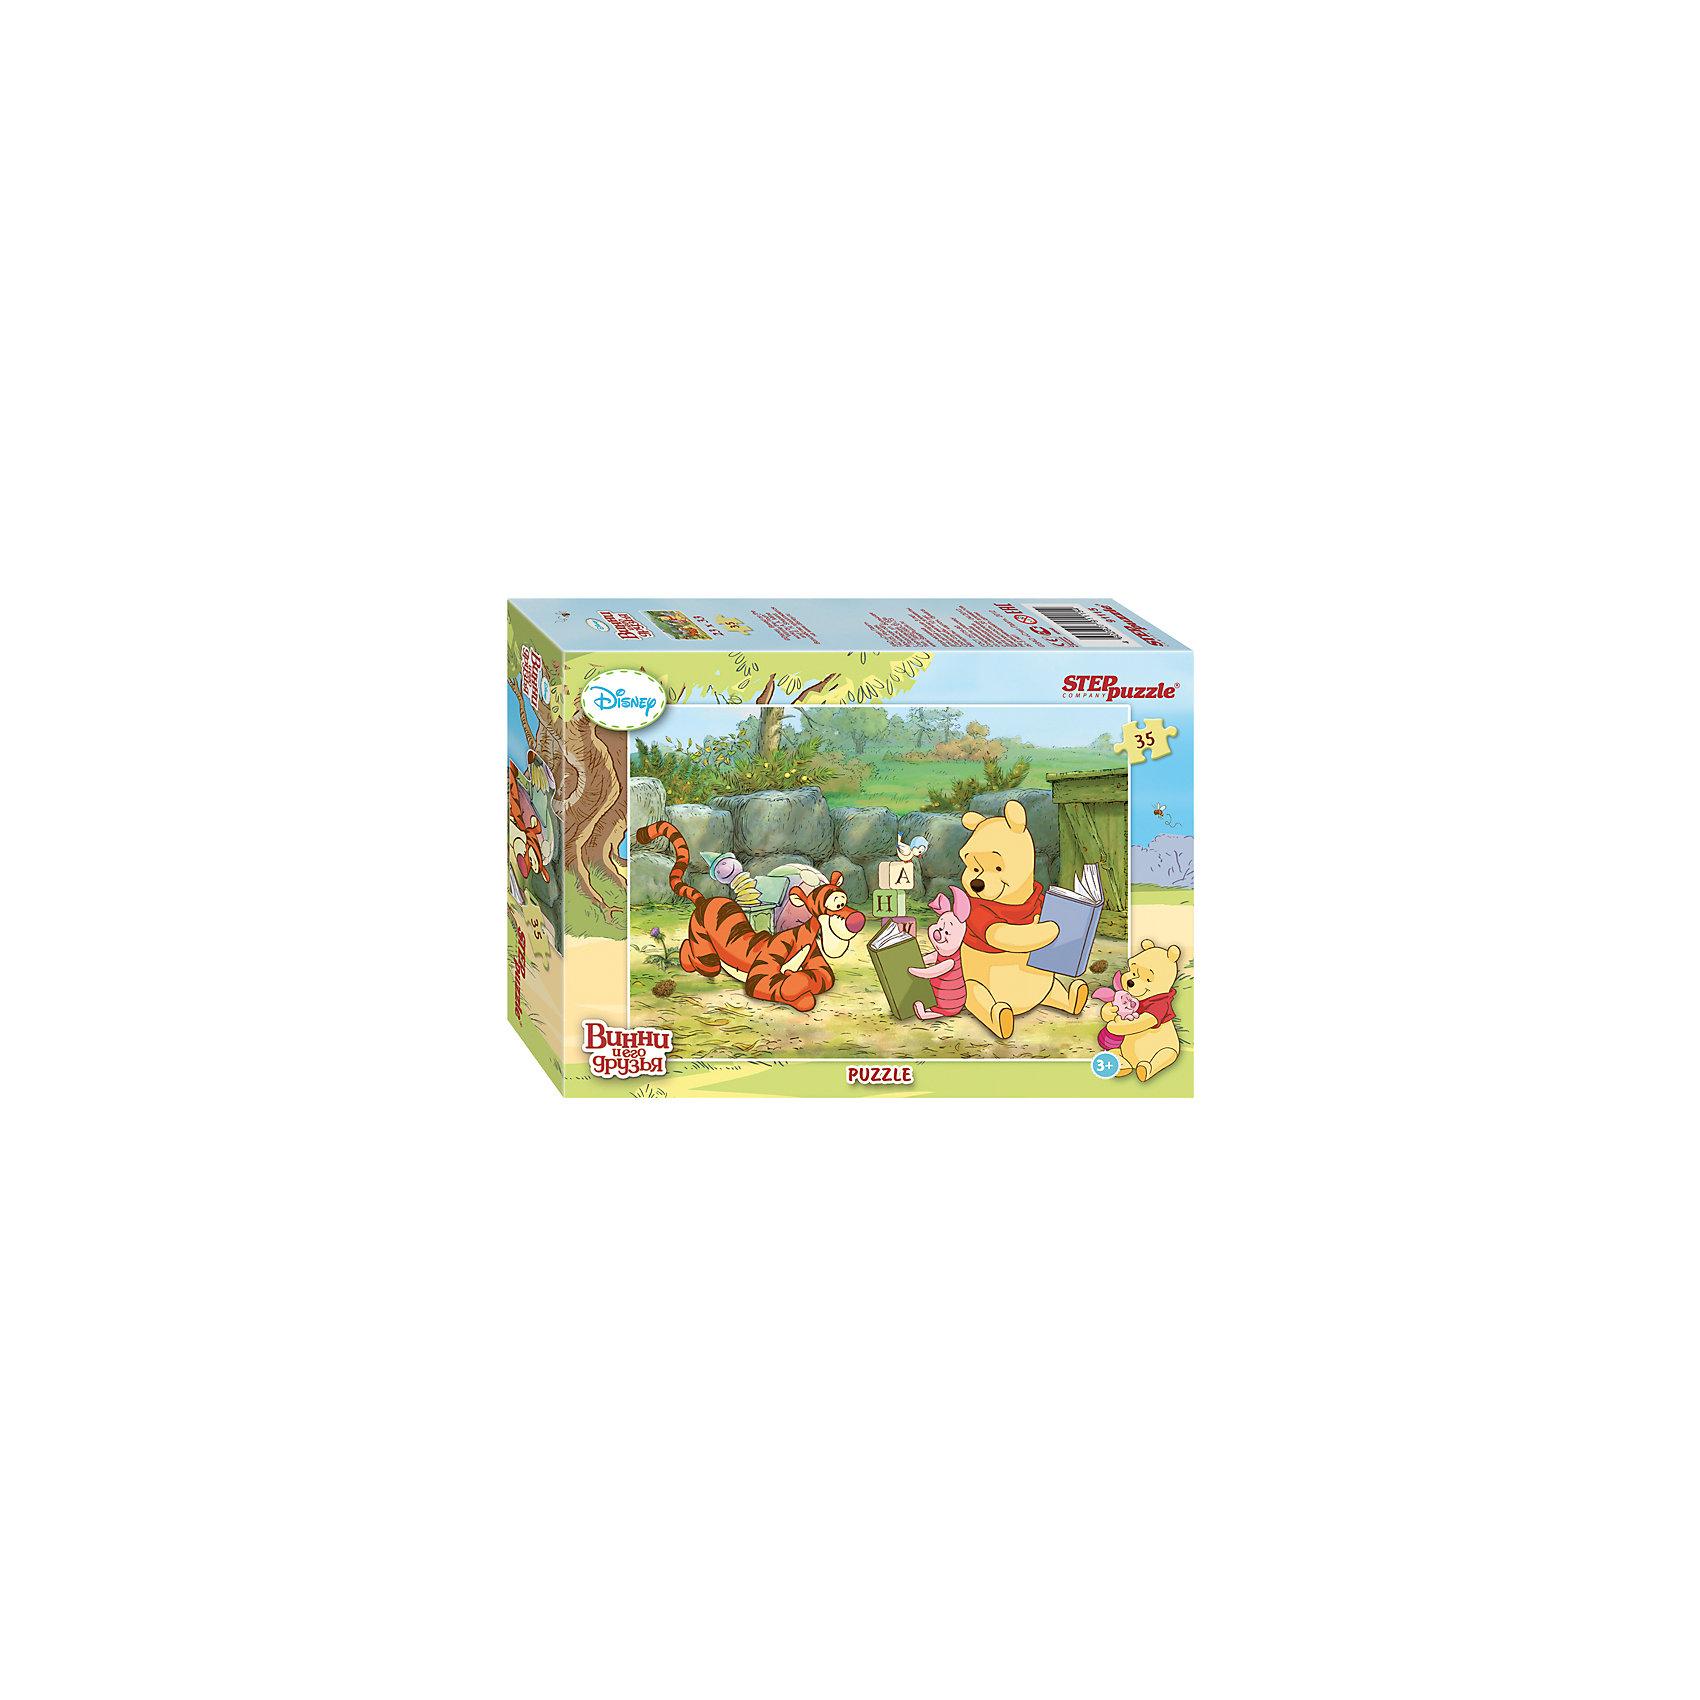 Пазл Винни и его друзья, 35 деталей, Step PuzzleПазл Винни и его друзья, 35 деталей, Step Puzzle (Степ Пазл) – это замечательный красочный пазл с изображением любимых героев.<br>Disney снова приглашает в Большой лес, где Вас ждет новая долгожданная встреча с Винни Пухом и его друзьями. Пазл с сюжетами о новых приключениях медвежонка Винни, выполнен в классическом стиле знаменитых мультфильмов Disney. Подарите ребенку чудесный пазл, и он будет подбирать детали, пока не составит яркую и интересную картинку, на которой Винни и его друзья увлеченно рассматривают книжки. Сборка пазла Винни и его друзья от Step Puzzle (Степ Пазл) подарит Вашему ребенку не только множество увлекательных вечеров, но и принесет пользу для развития. Координация, моторика, внимательность легко тренируются, пока ребенок увлеченно подбирает детали. Качественные фрагменты пазла отлично проклеены и идеально подходят один к другому, поэтому сборка пазла обеспечит малышу только положительные эмоции. Вы будете использовать этот пазл не один год, ведь благодаря качественной нарезке детали не расслаиваются даже после многократного использования.<br><br>Дополнительная информация:<br><br>- Количество деталей: 35<br>- Материал: картон<br>- Размер собранной картинки: 33х23 см.<br>- Отличная проклейка<br>- Долгий срок службы<br>- Детали идеально подходят друг другу<br>- Яркий сюжет<br>- Упаковка: картонная коробка<br>- Размер упаковки: 135x195x35 мм.<br>- Вес: 102 гр.<br><br>Пазл Винни и его друзья, 35 деталей, Step Puzzle (Степ Пазл) можно купить в нашем интернет-магазине.<br><br>Ширина мм: 20<br>Глубина мм: 14<br>Высота мм: 4<br>Вес г: 146<br>Возраст от месяцев: 36<br>Возраст до месяцев: 72<br>Пол: Унисекс<br>Возраст: Детский<br>Количество деталей: 35<br>SKU: 4162755